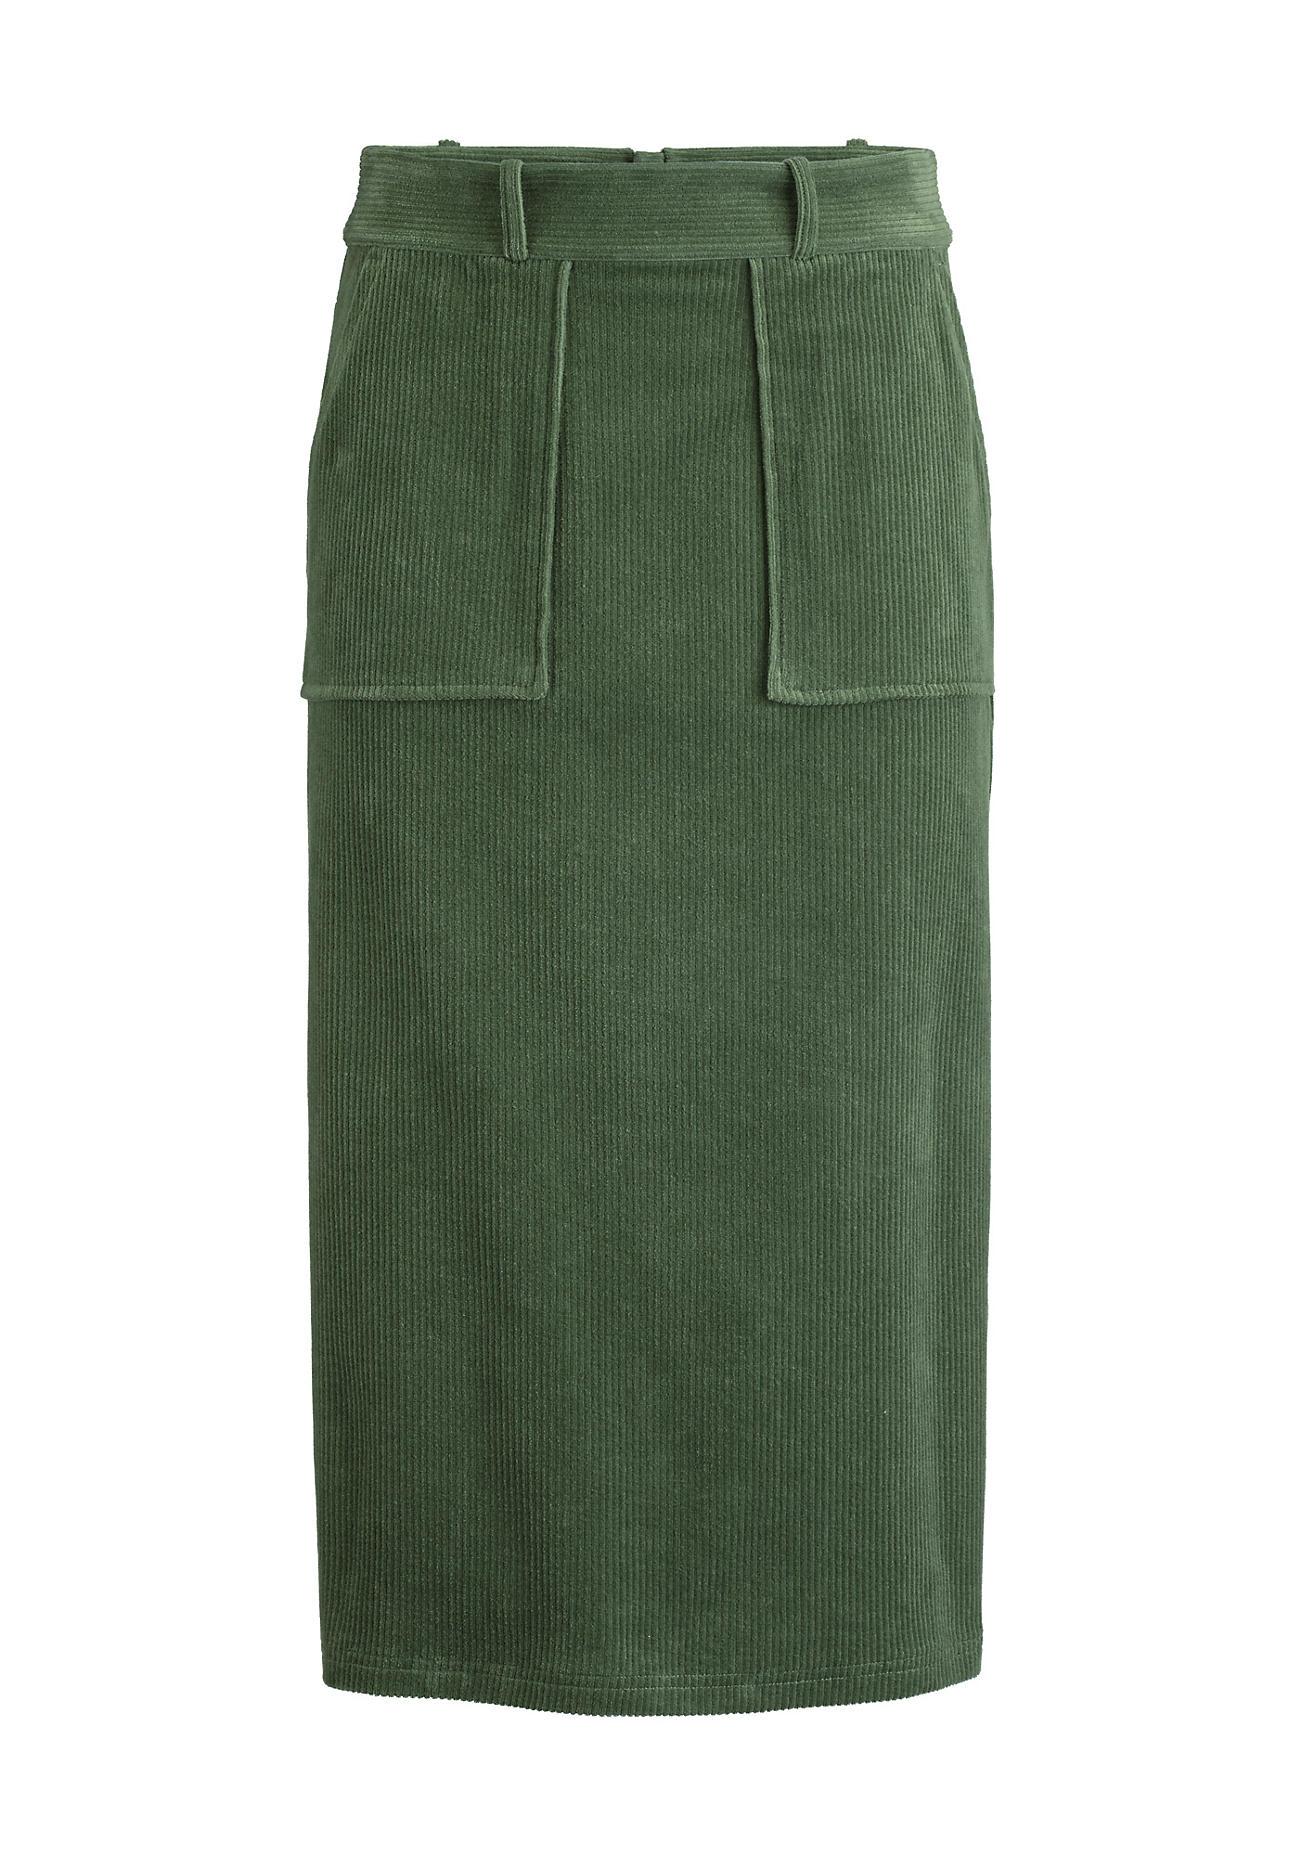 Roecke - hessnatur Damen Cord Rock aus Bio Baumwolle – grün –  - Onlineshop Hessnatur